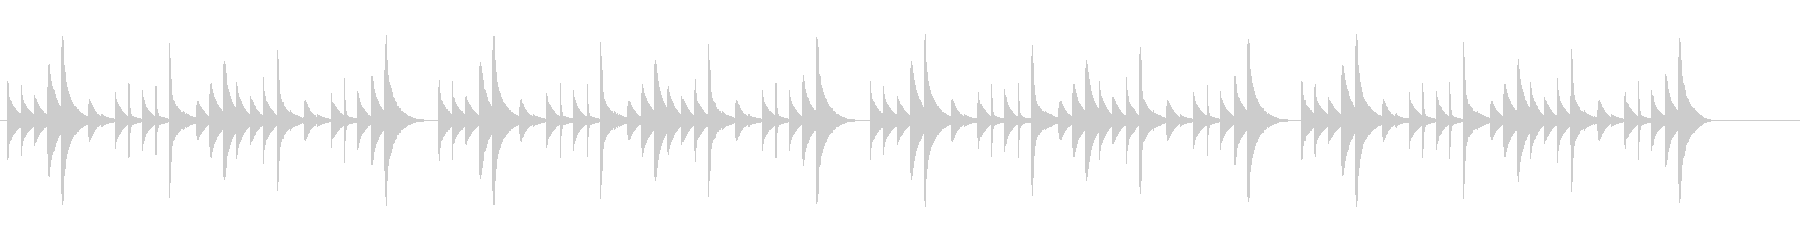 トークほのぼの楽しいBGMYoutubeの未再生の波形